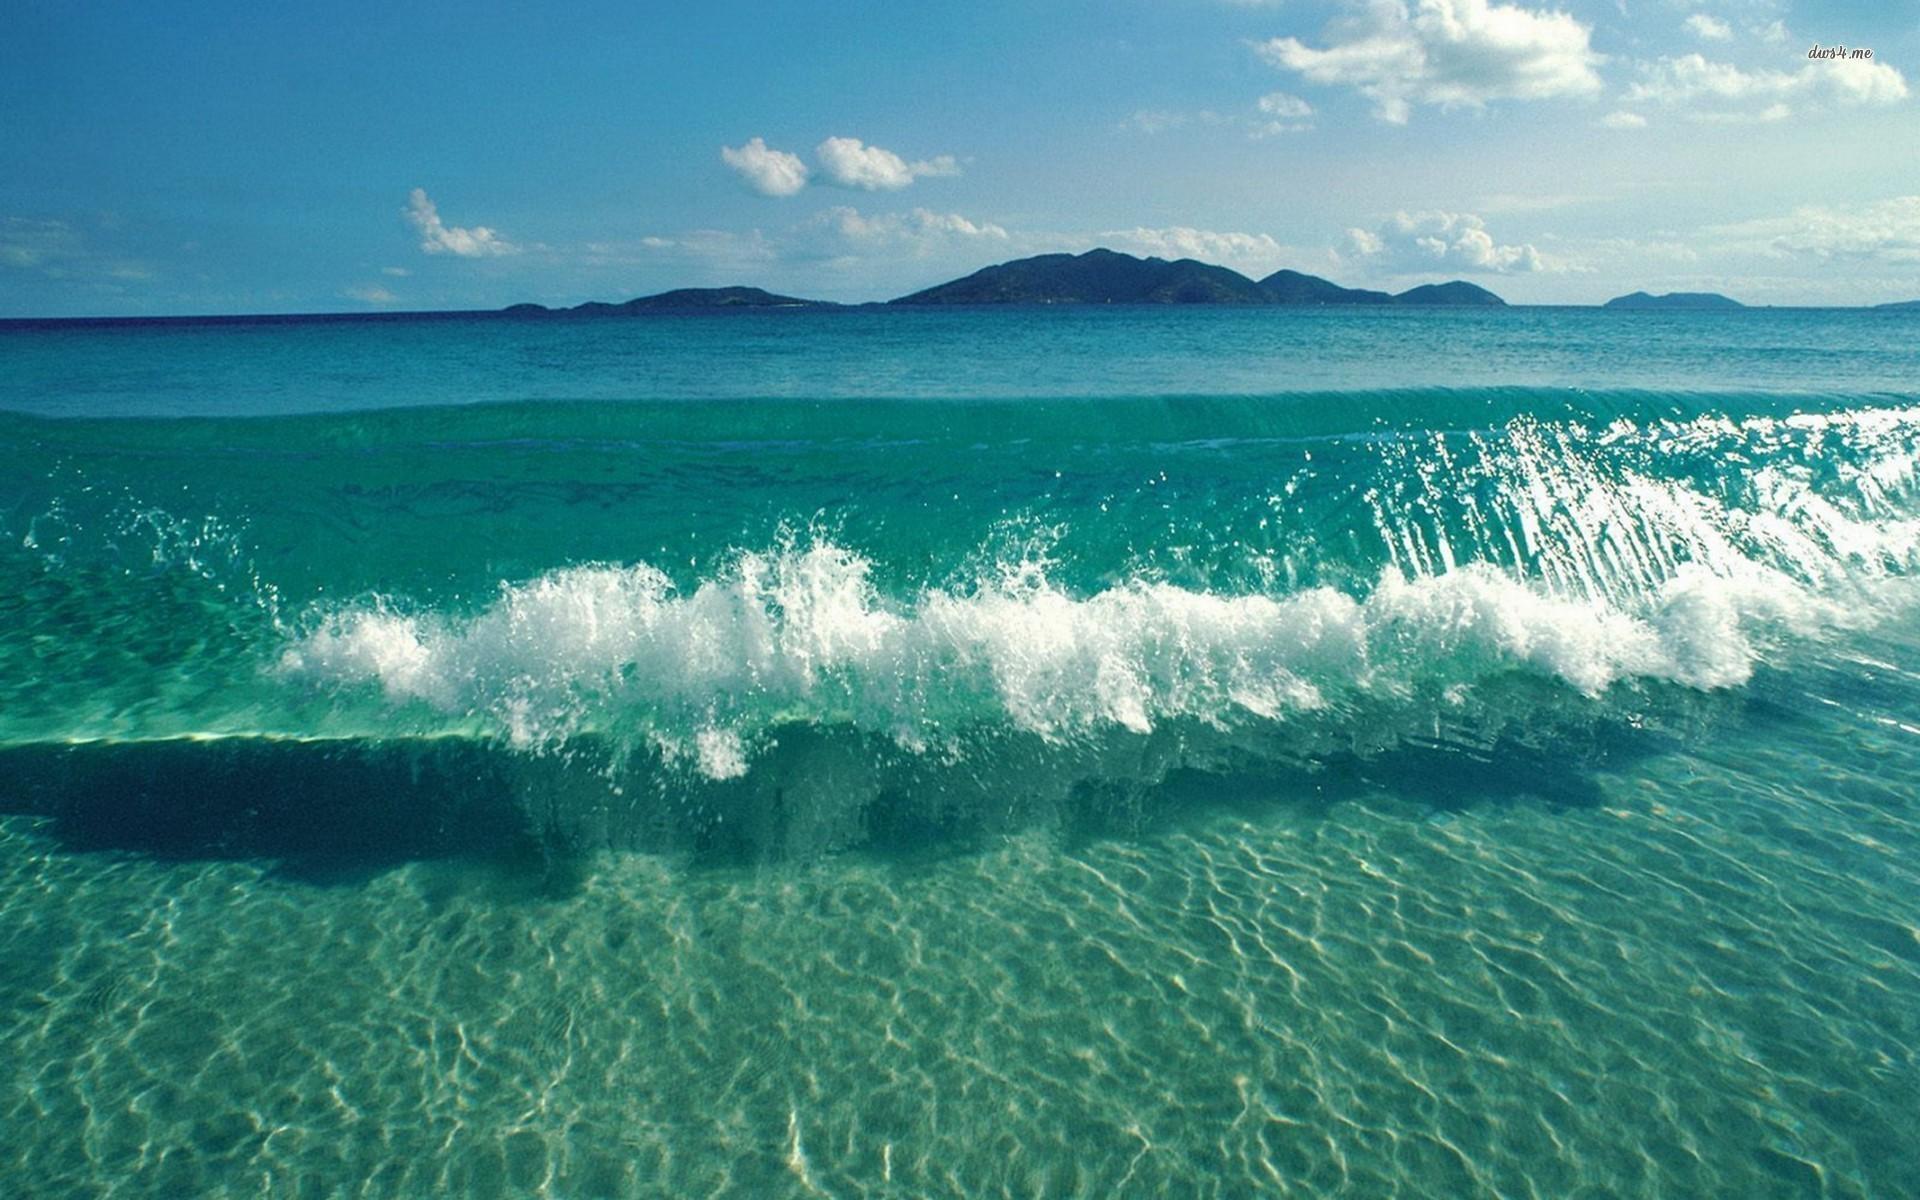 Ocean Waves Wallpaper High Quality   Data-src - Beach Waves Desktop Background - HD Wallpaper